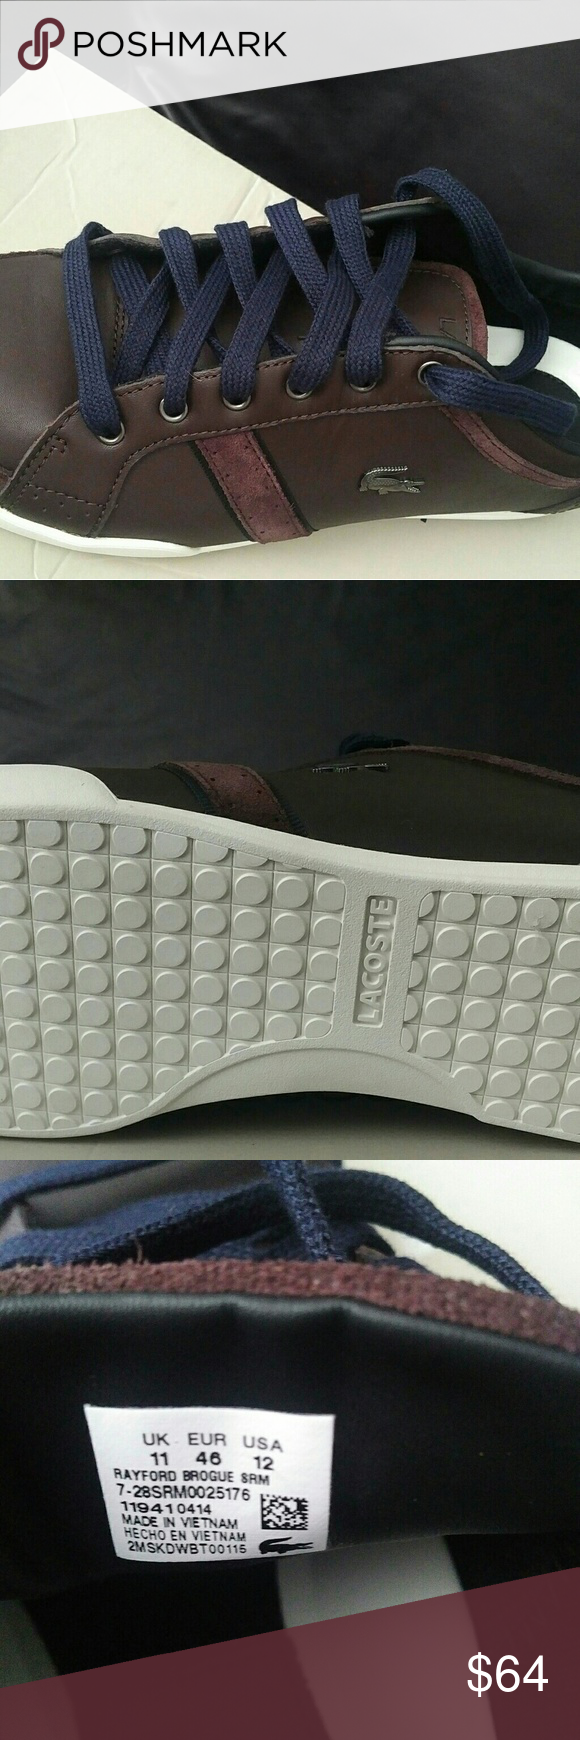 1c83589abe0d LaCoste Men s shoes NWT